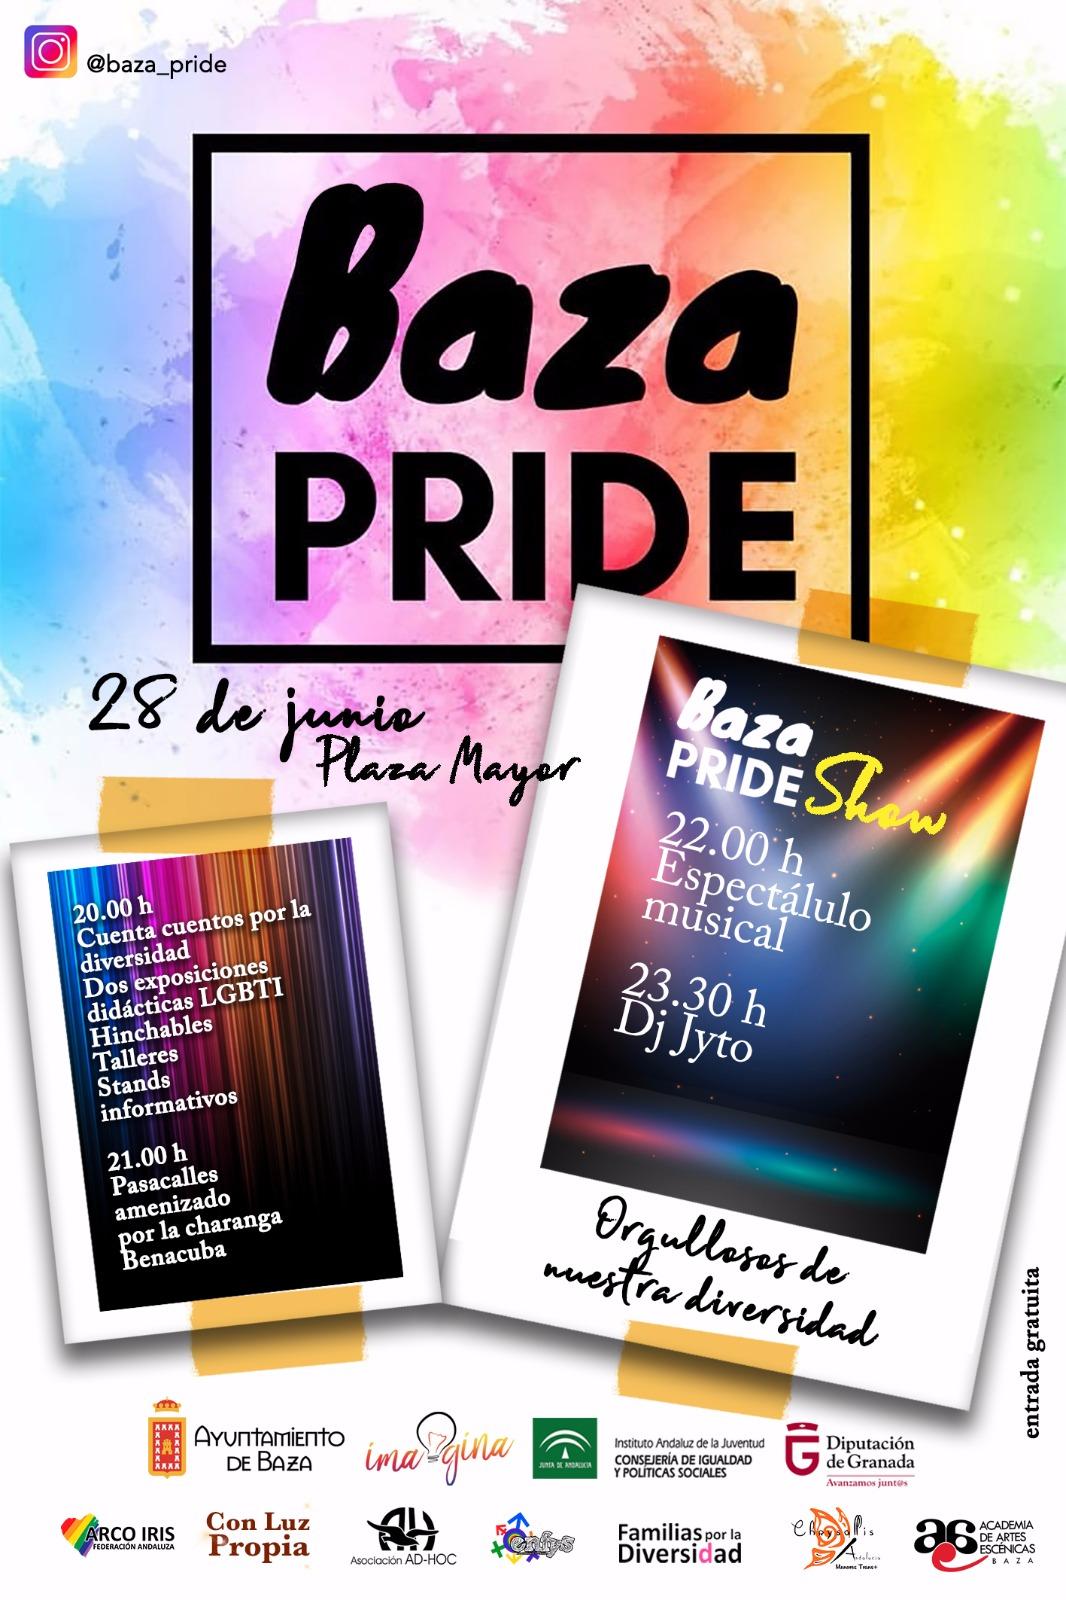 Baza pride